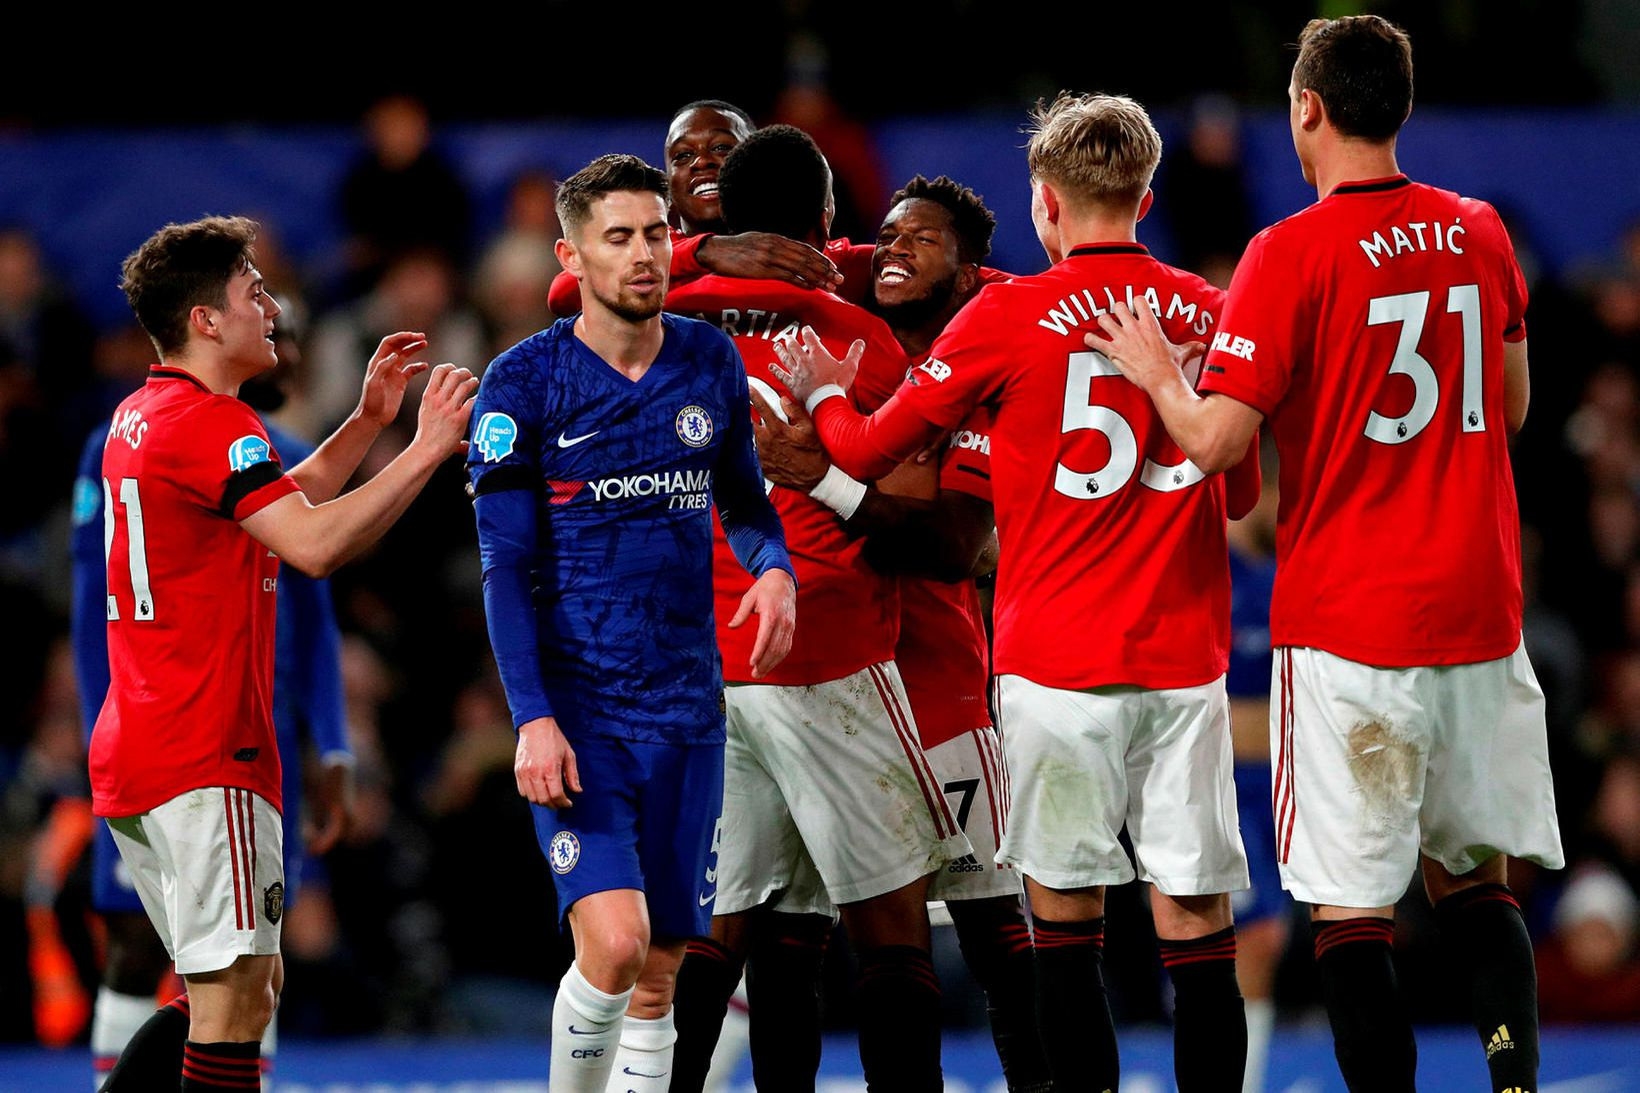 Leikmenn Manchester United fagna Anthony Martial eftir að hann kom …